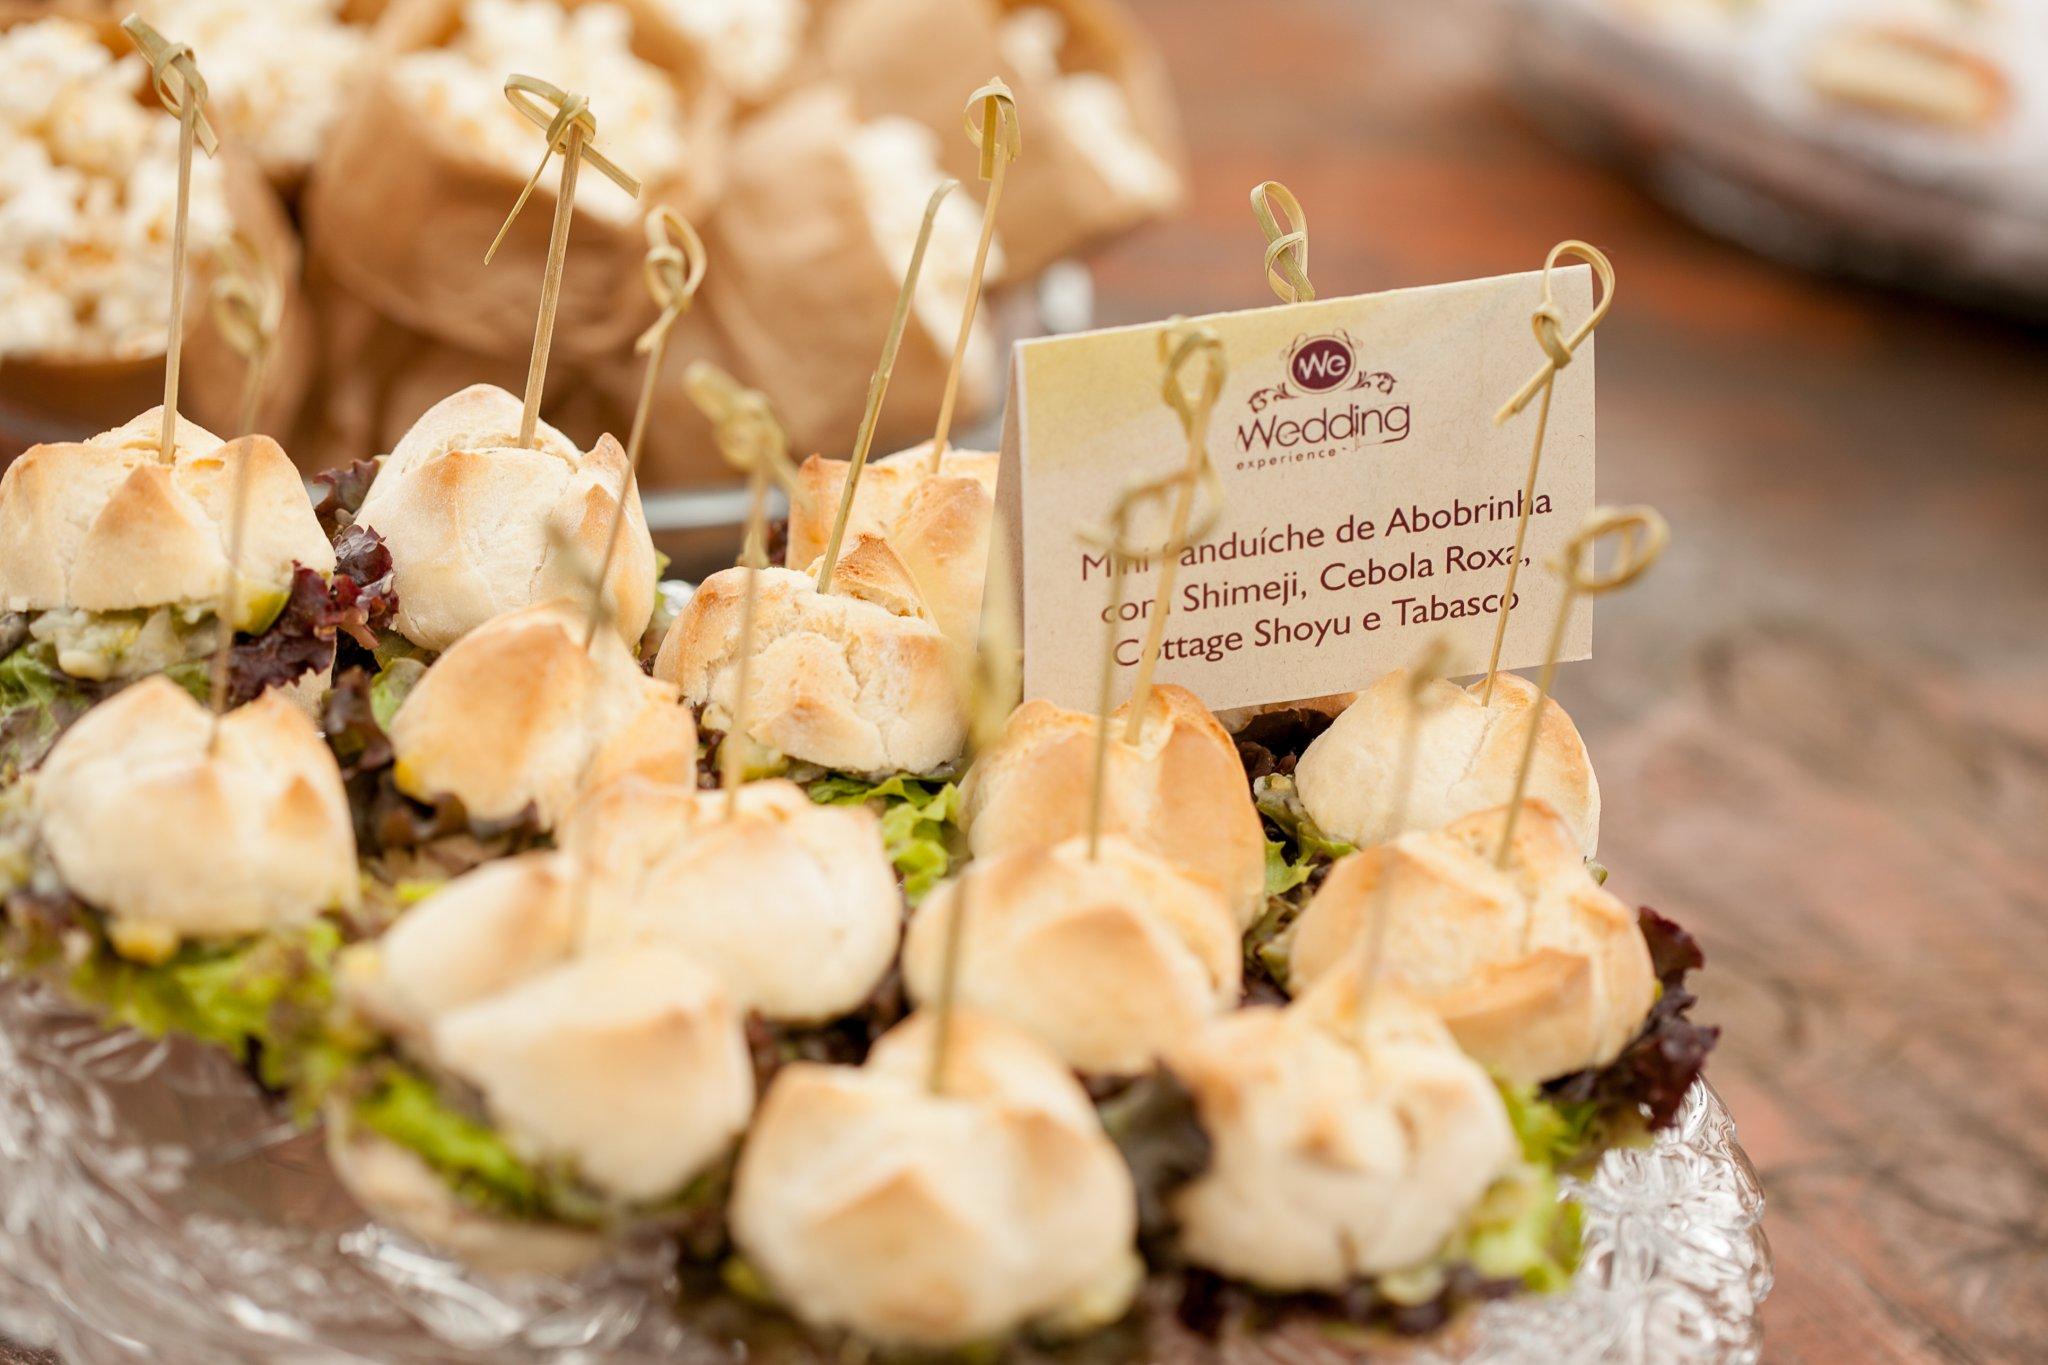 foto LeandroMonteiroFotografia 257 Wedding Experience   Gastronomia de dar água na boca!